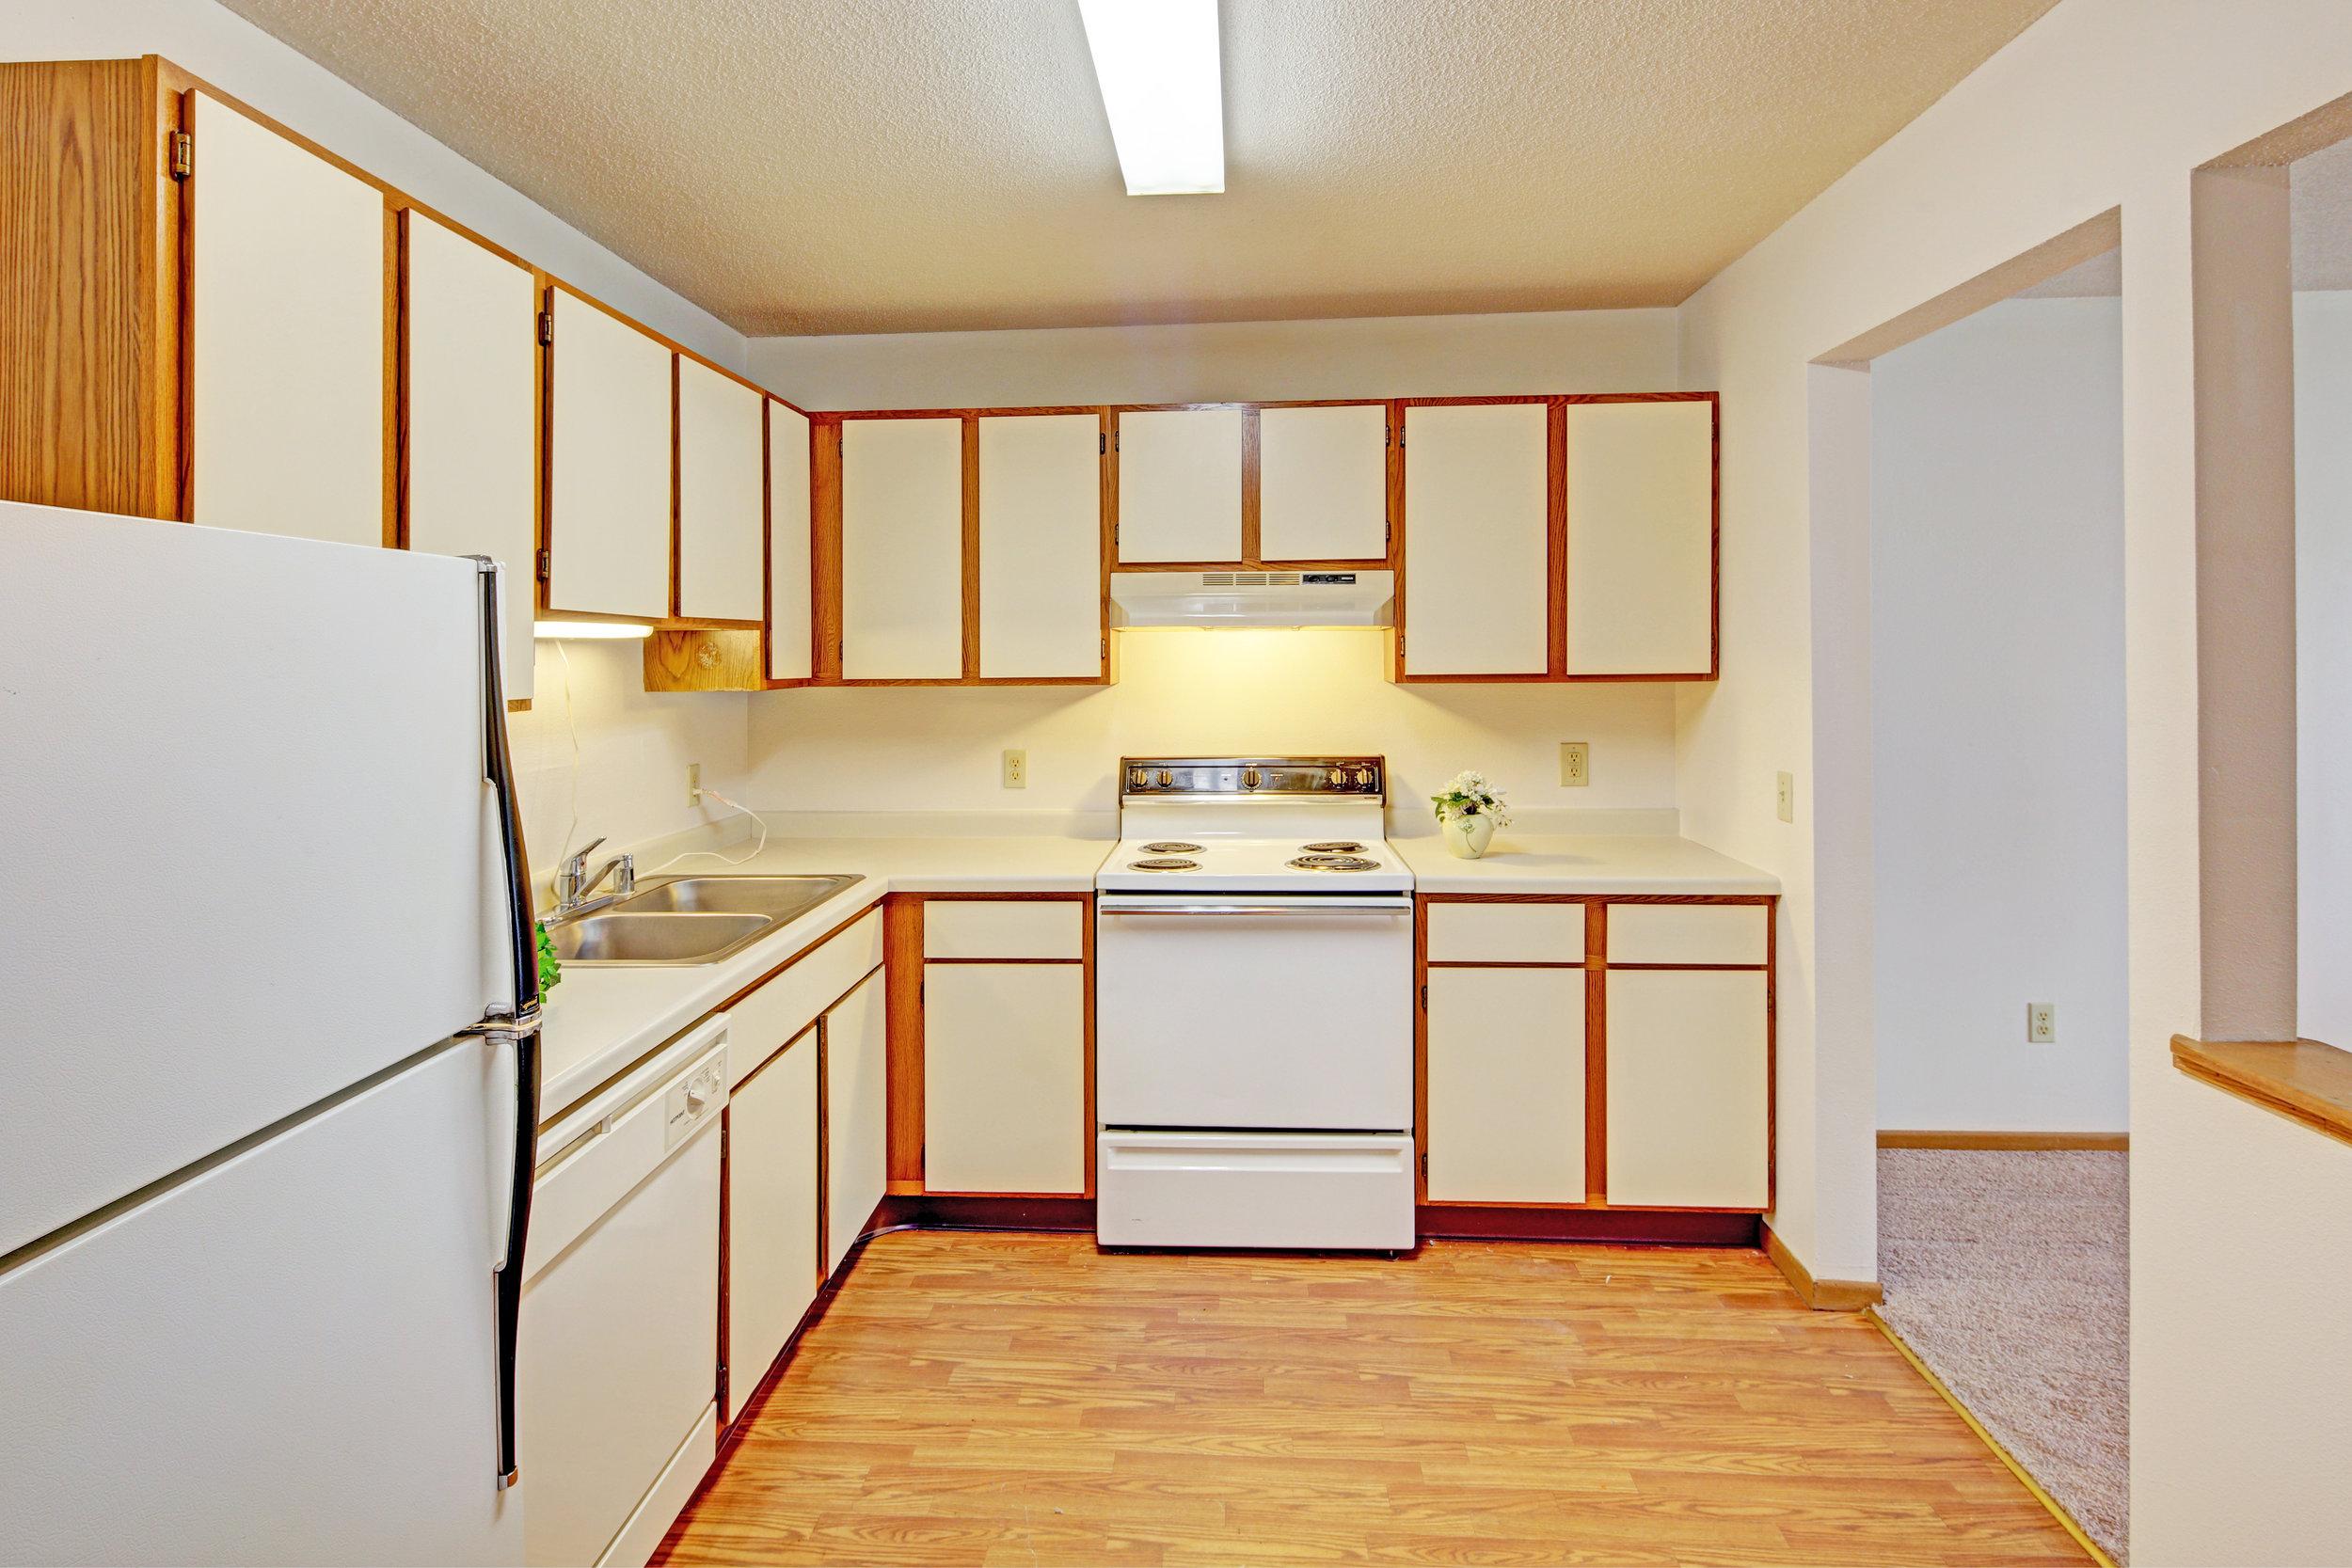 BreezewdII Kitchen.jpg